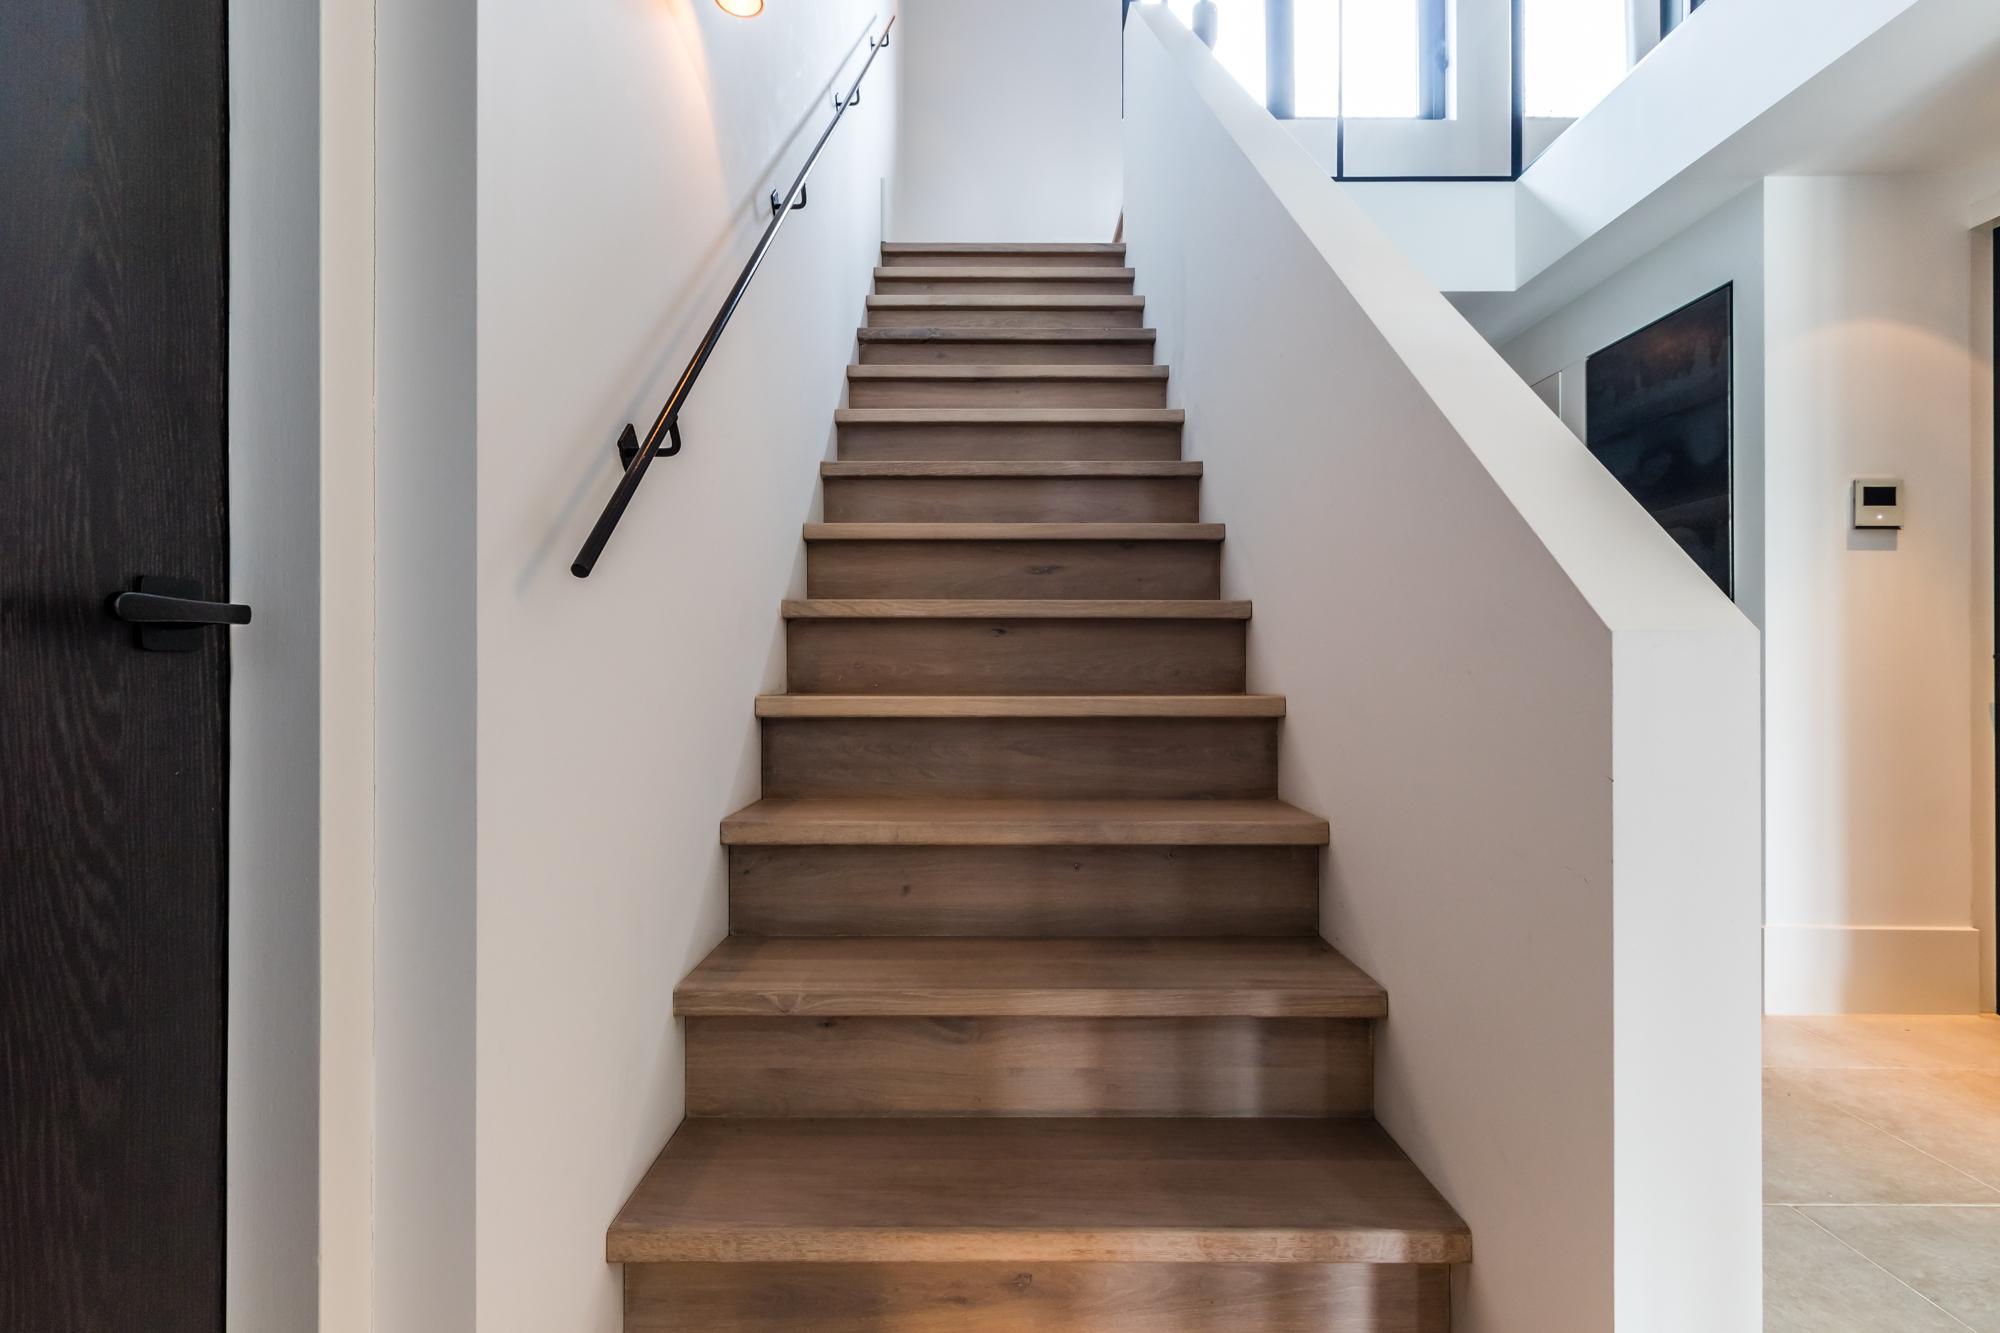 Van bruchem staircases moder trap met glazen balustrade